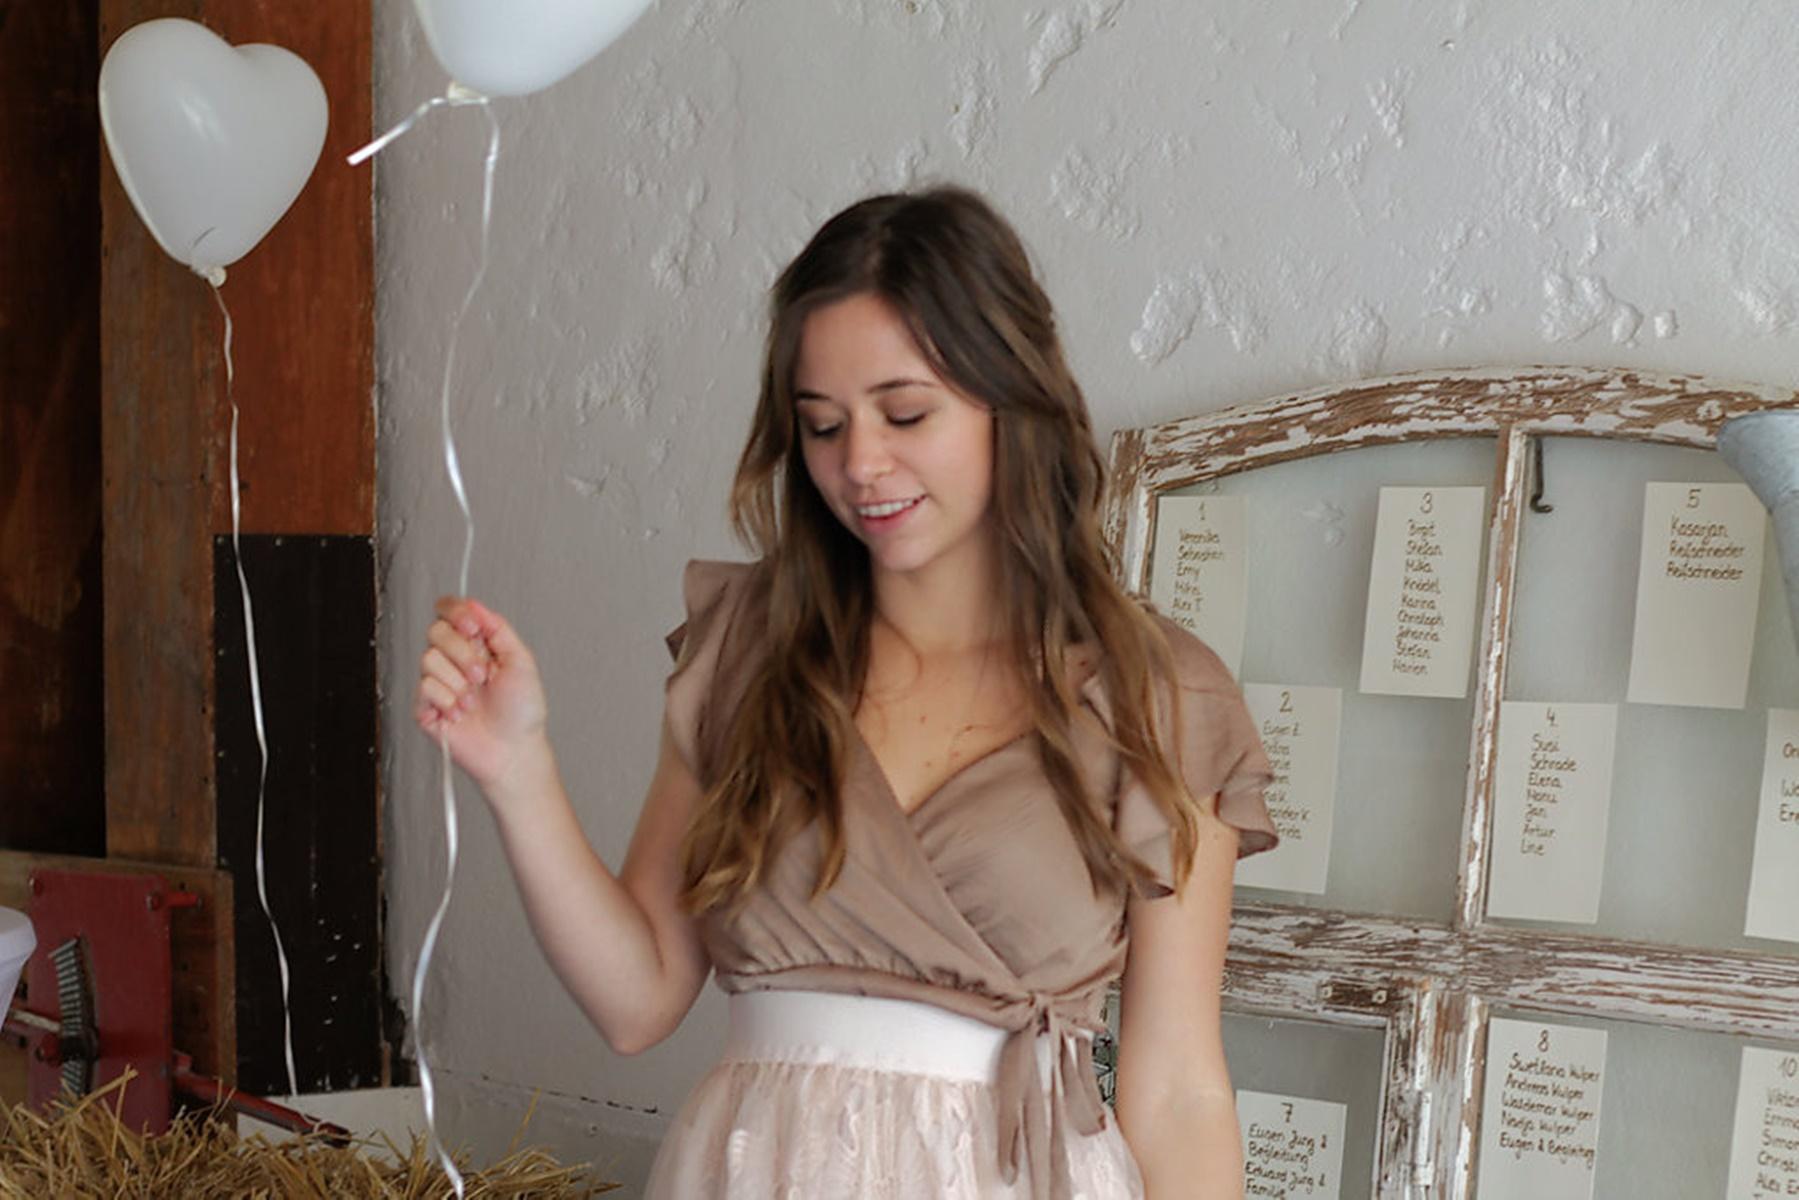 Hochzeitsgast Outfit I Was ziehe ich zum festlichen Anlass an